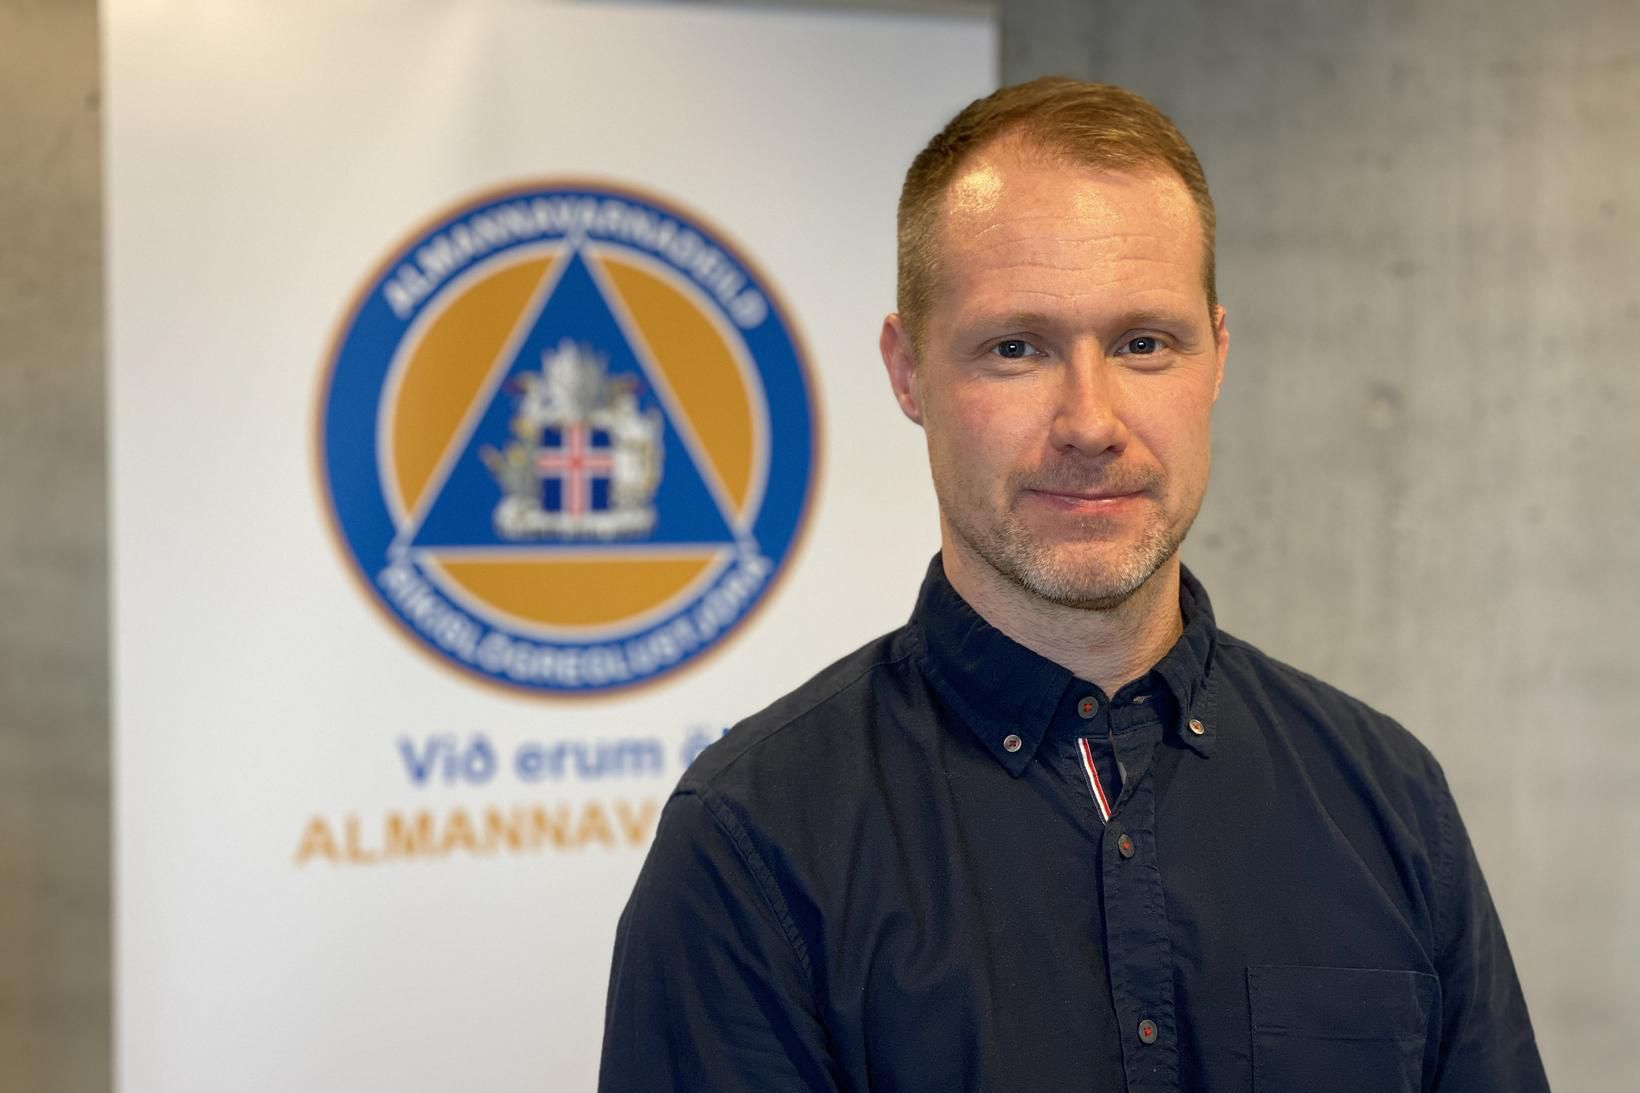 Jóhann Björn Skúlason, yfirmaður smitrakningateymis alamannavarna.